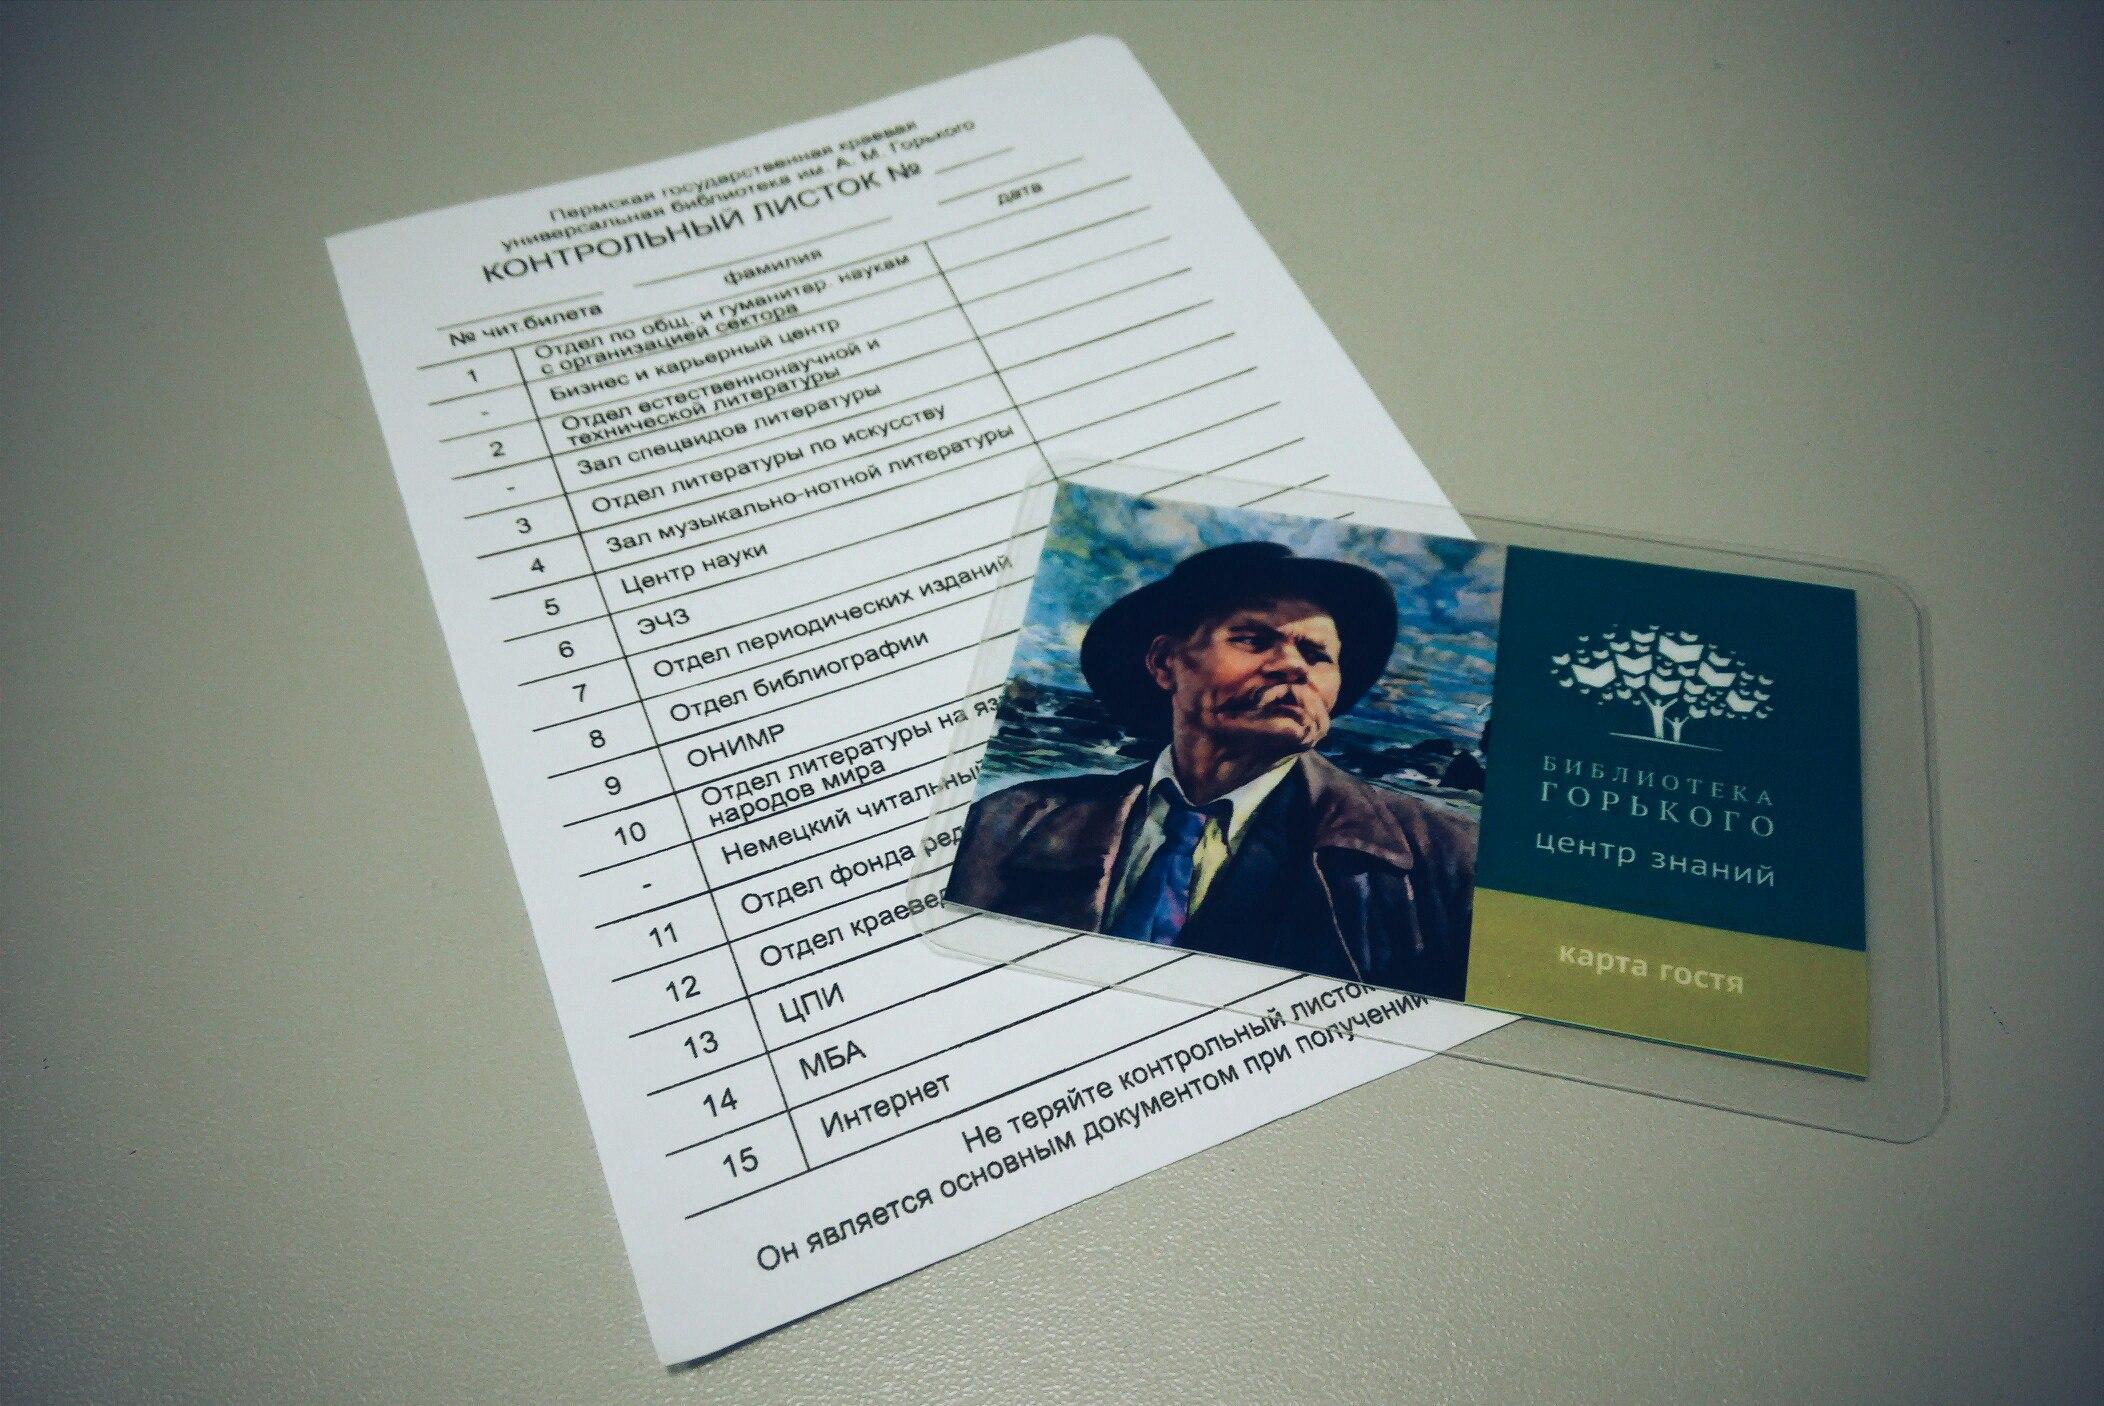 Записаться в библиотеку Если утеряна карточка читателя контрольный листок необходимо